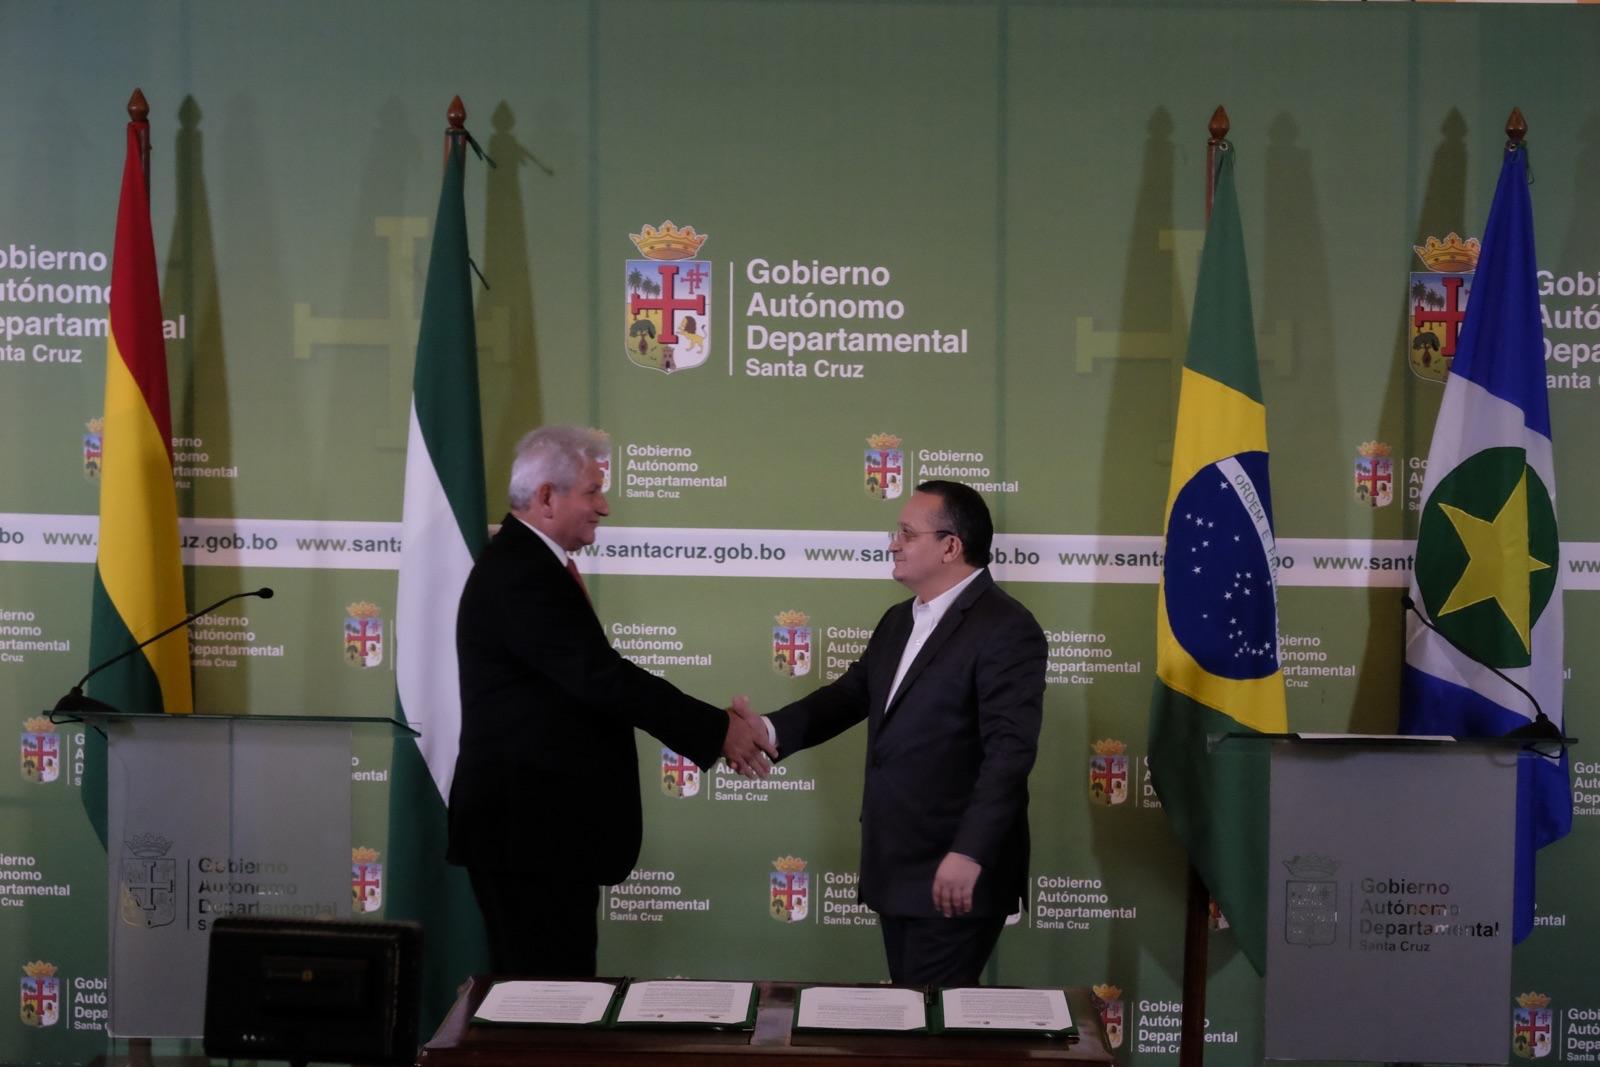 Zicosur: MT lidera Caravana da Integração em busca de soluções conjuntas